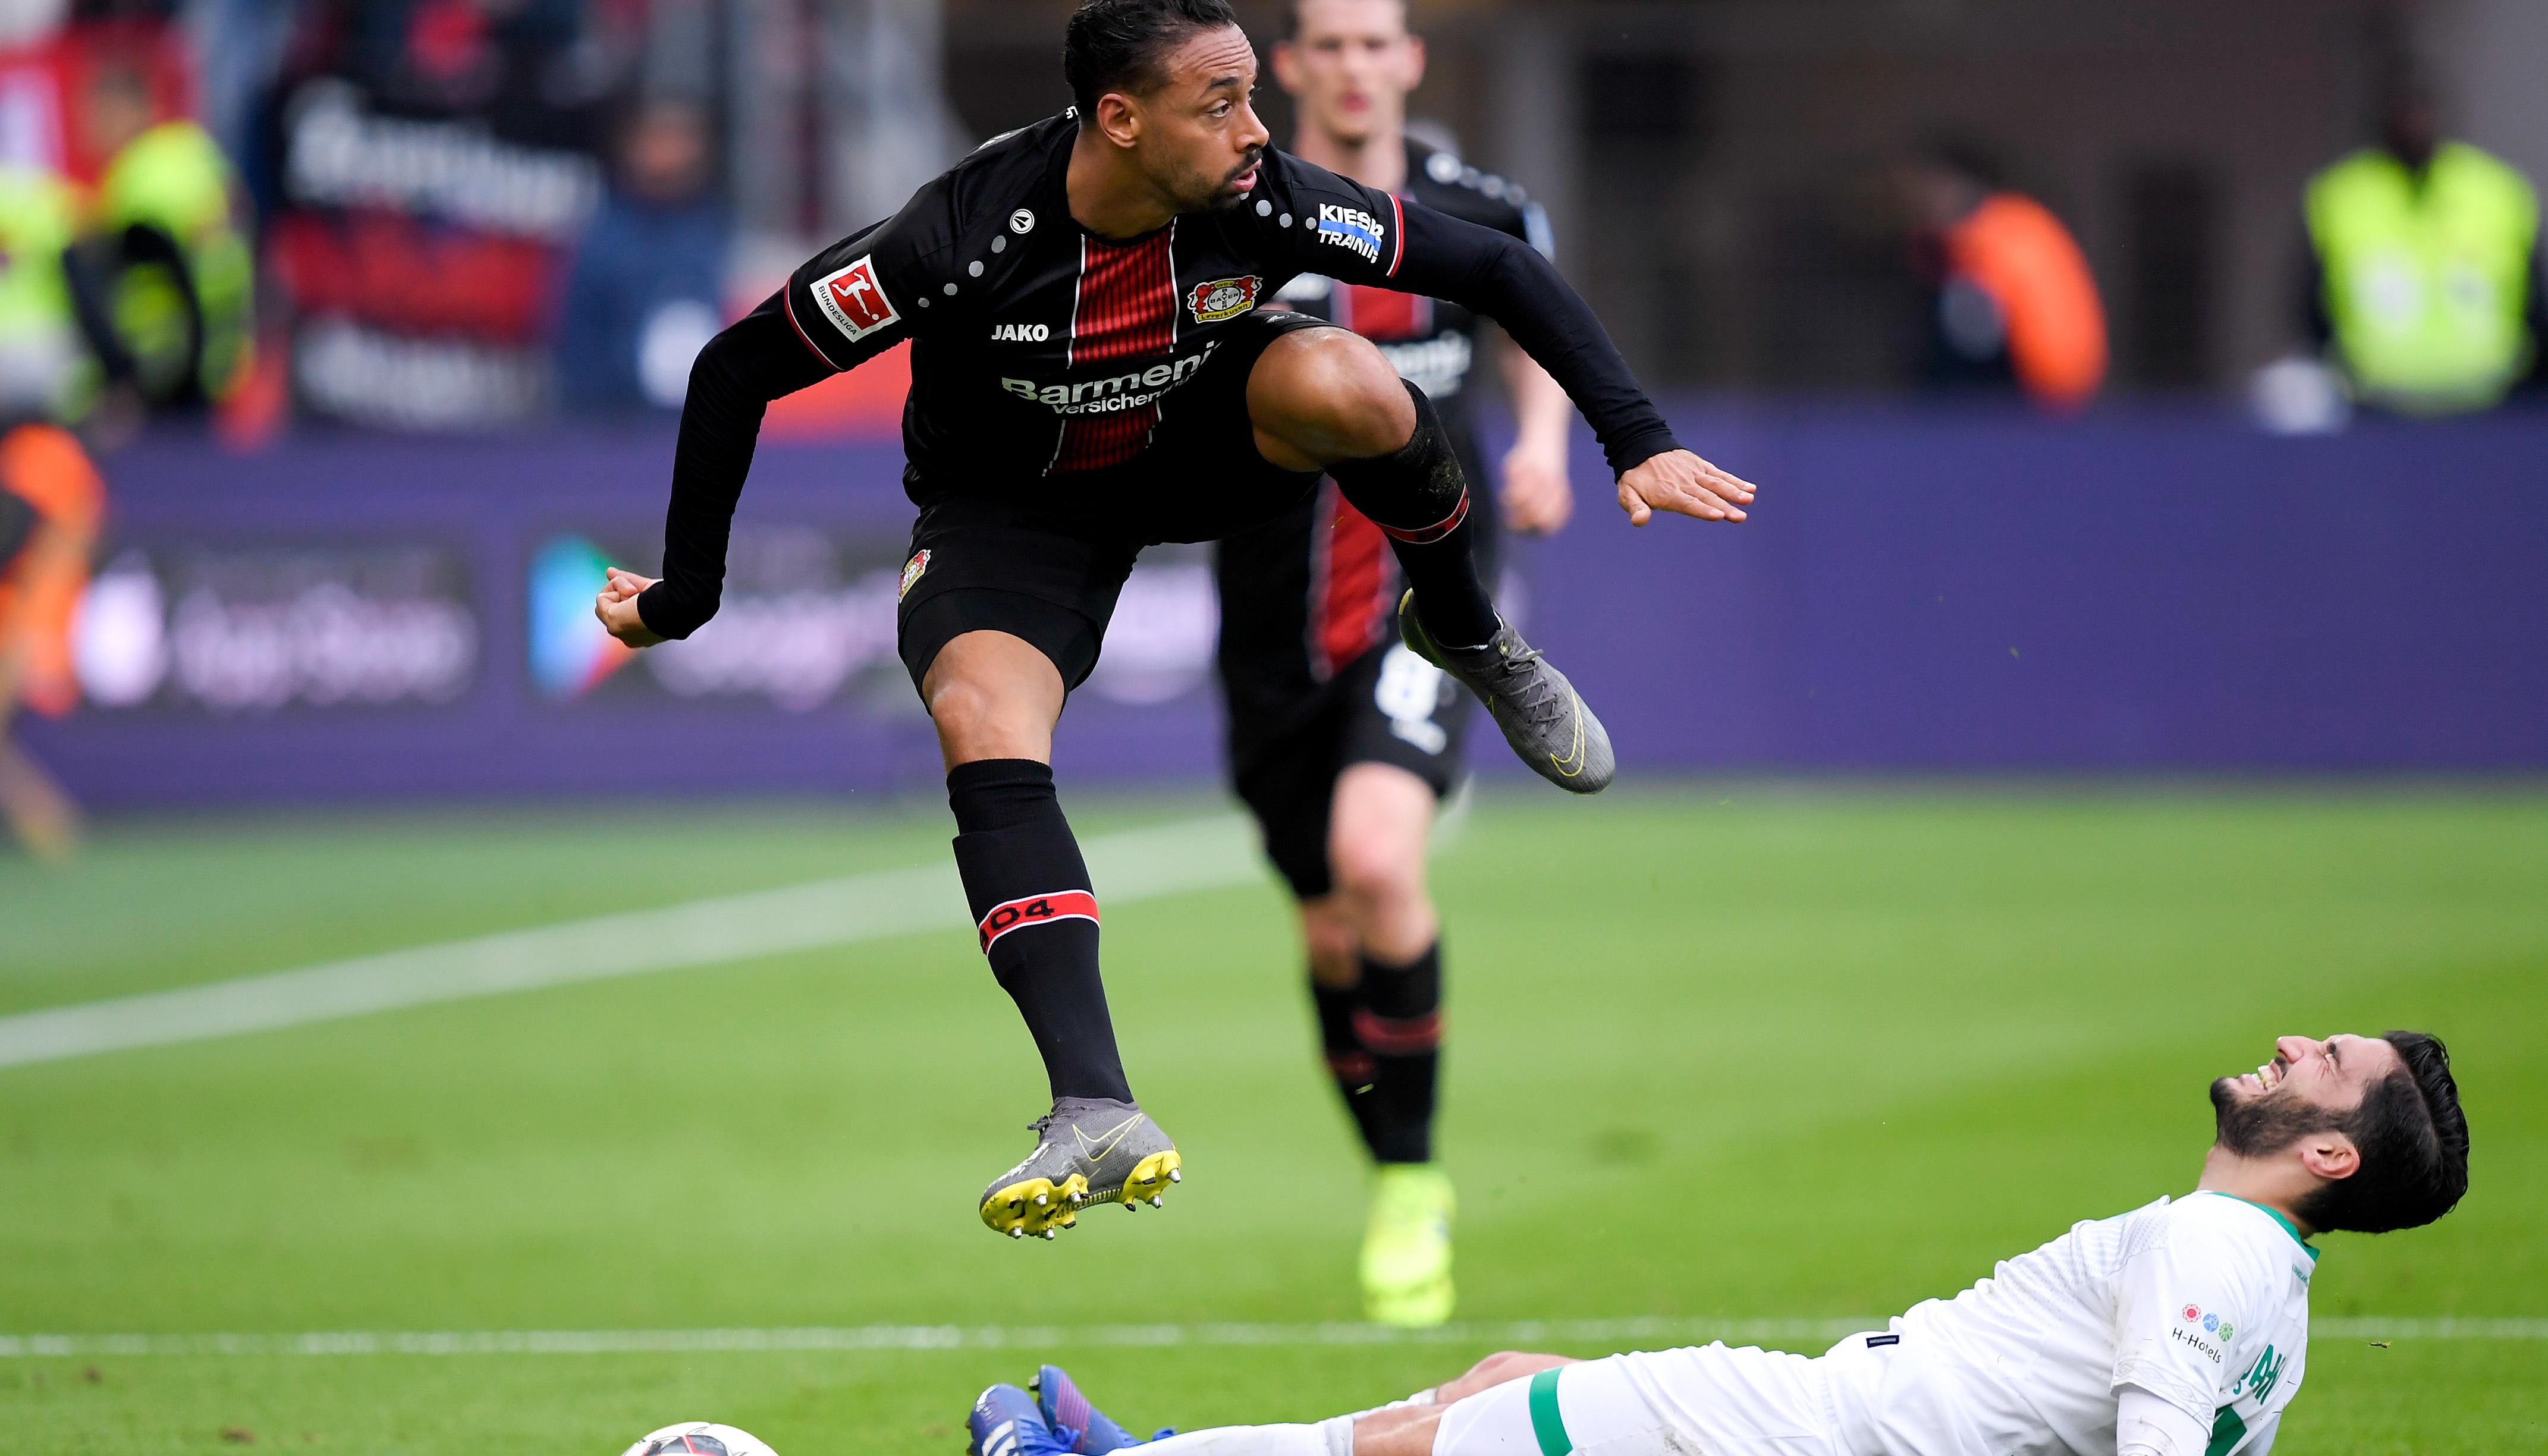 Bayer Leverkusen – Werder Bremen: Es geht um den Anschluss